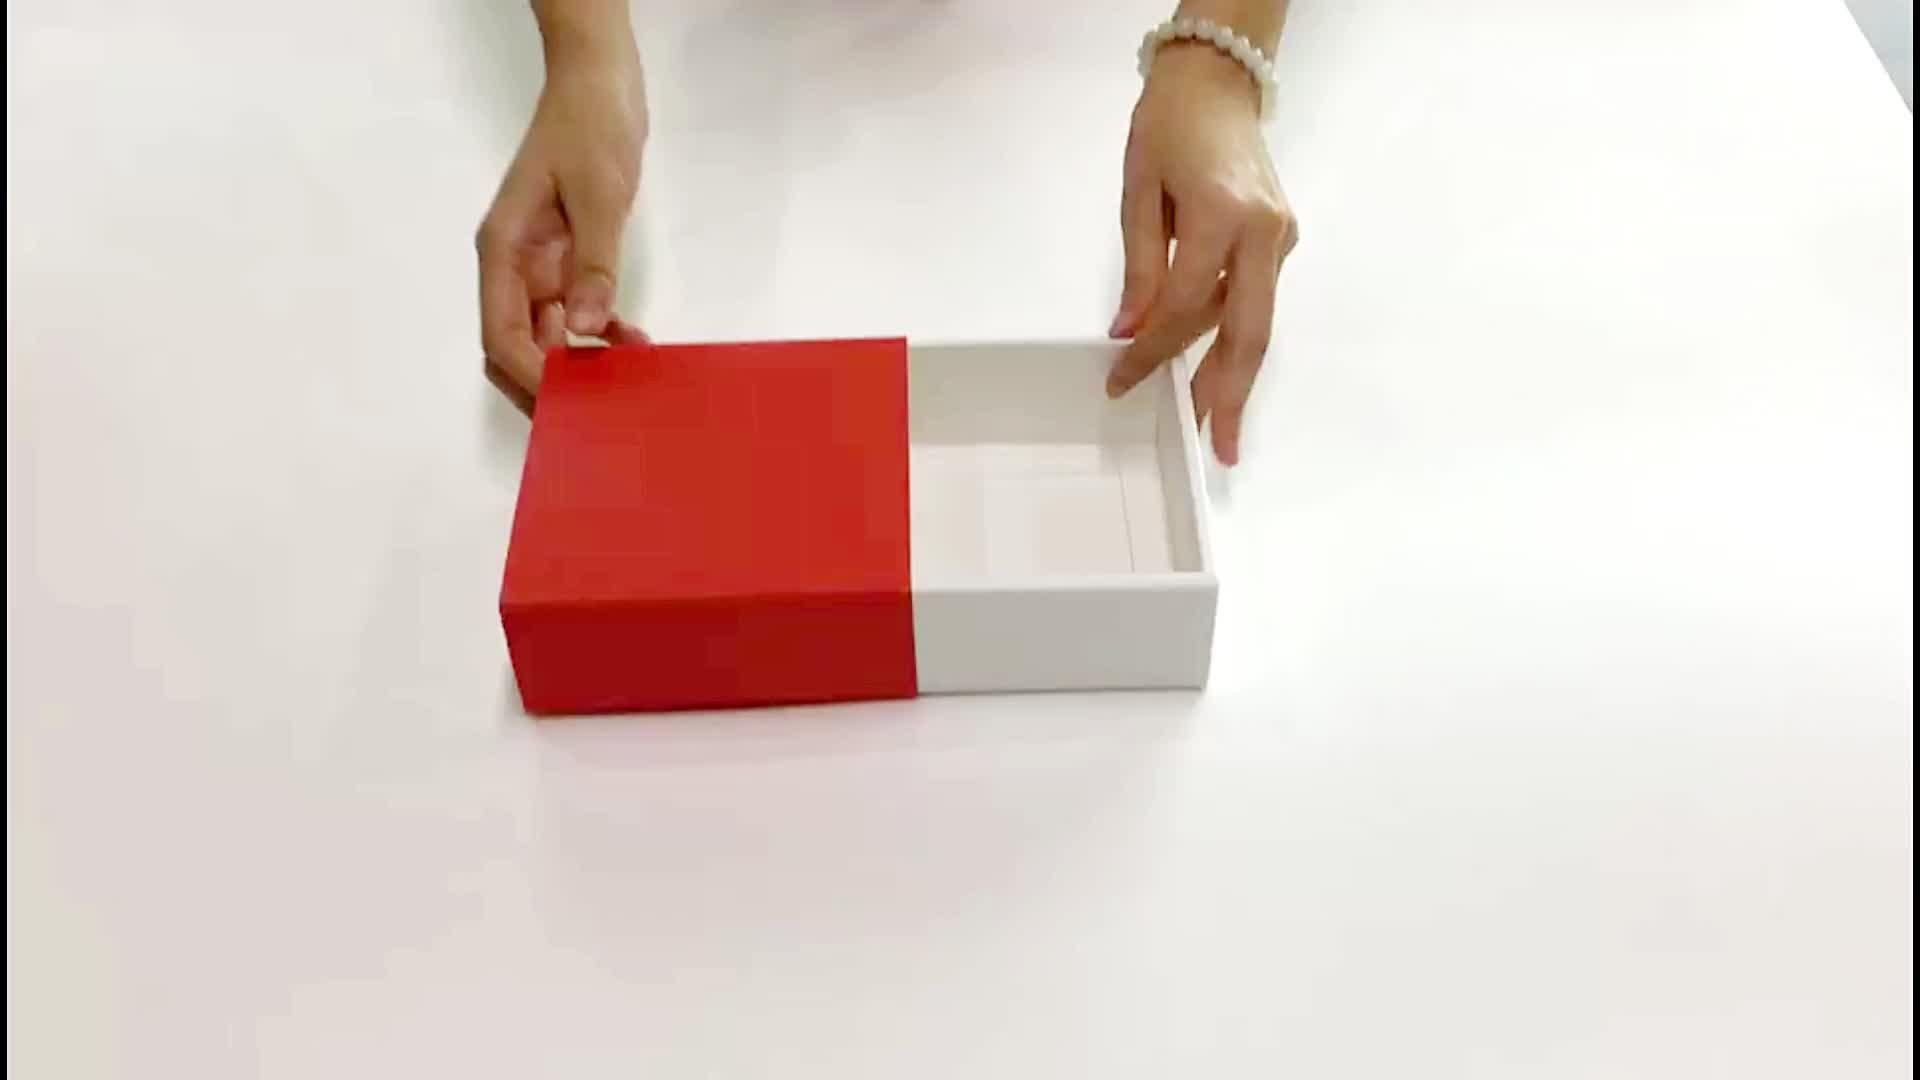 ปรับแต่งขายส่งโลโก้รีไซเคิลผ้าขนหนูหนังสือของขวัญใสกล่องกระดาษคราฟท์พร้อมฝาปิด